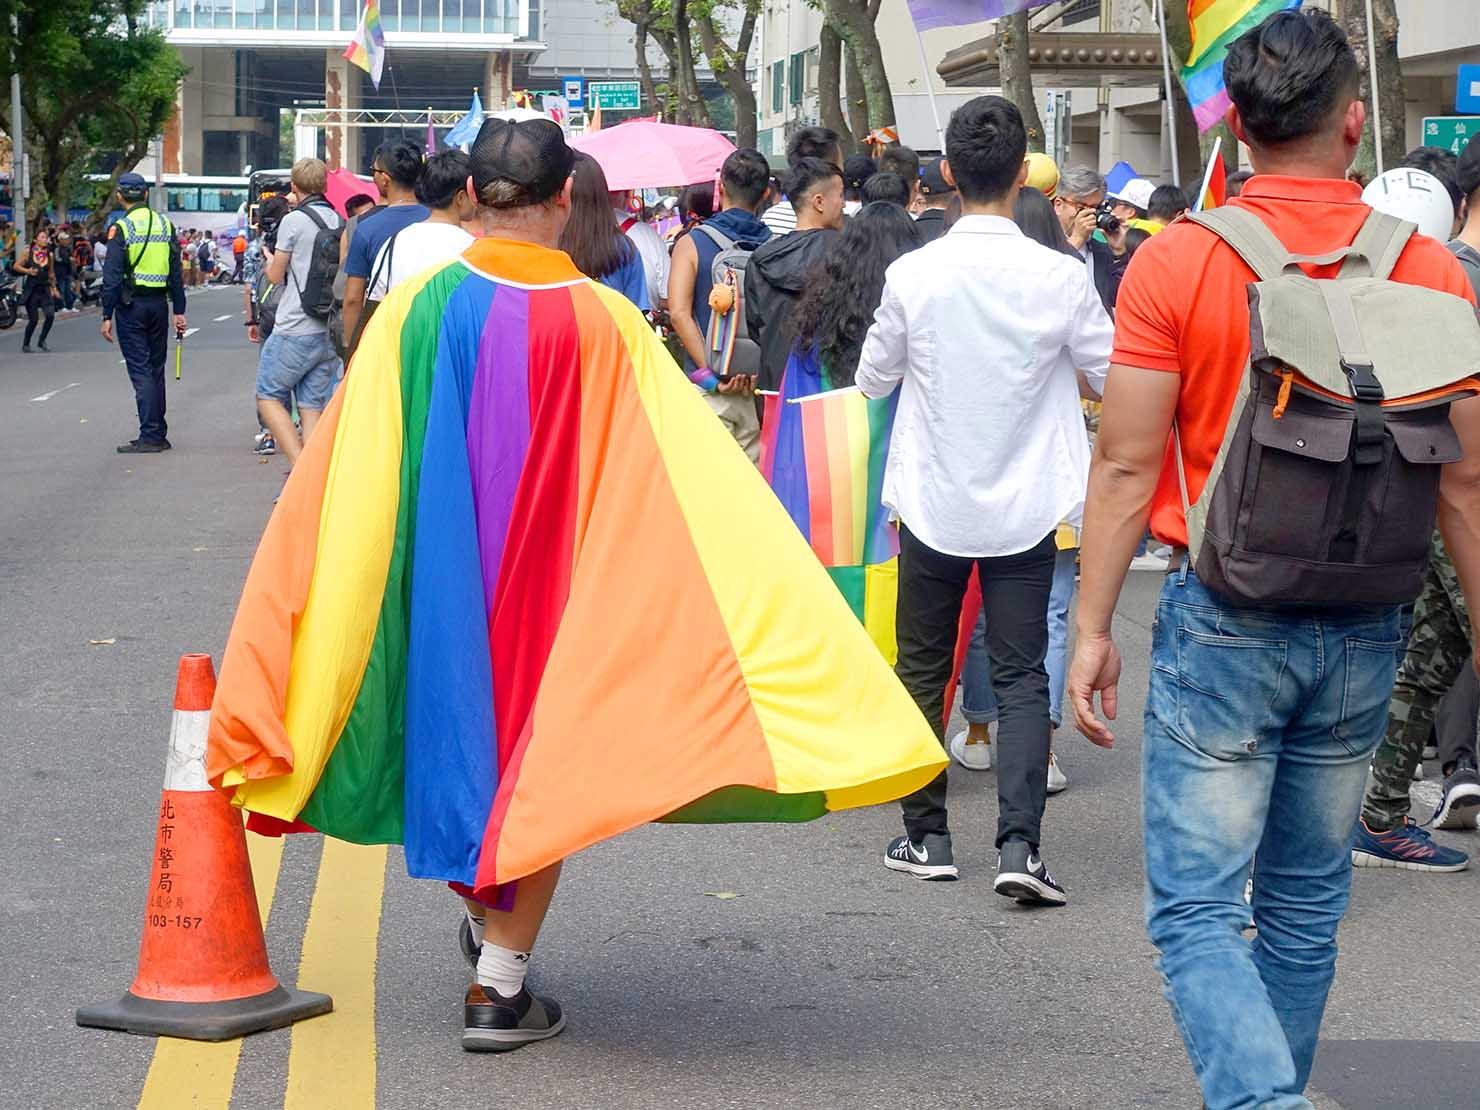 台灣同志遊行(台湾LGBTプライド)2019のパレードをレインボーマント姿で歩く男性